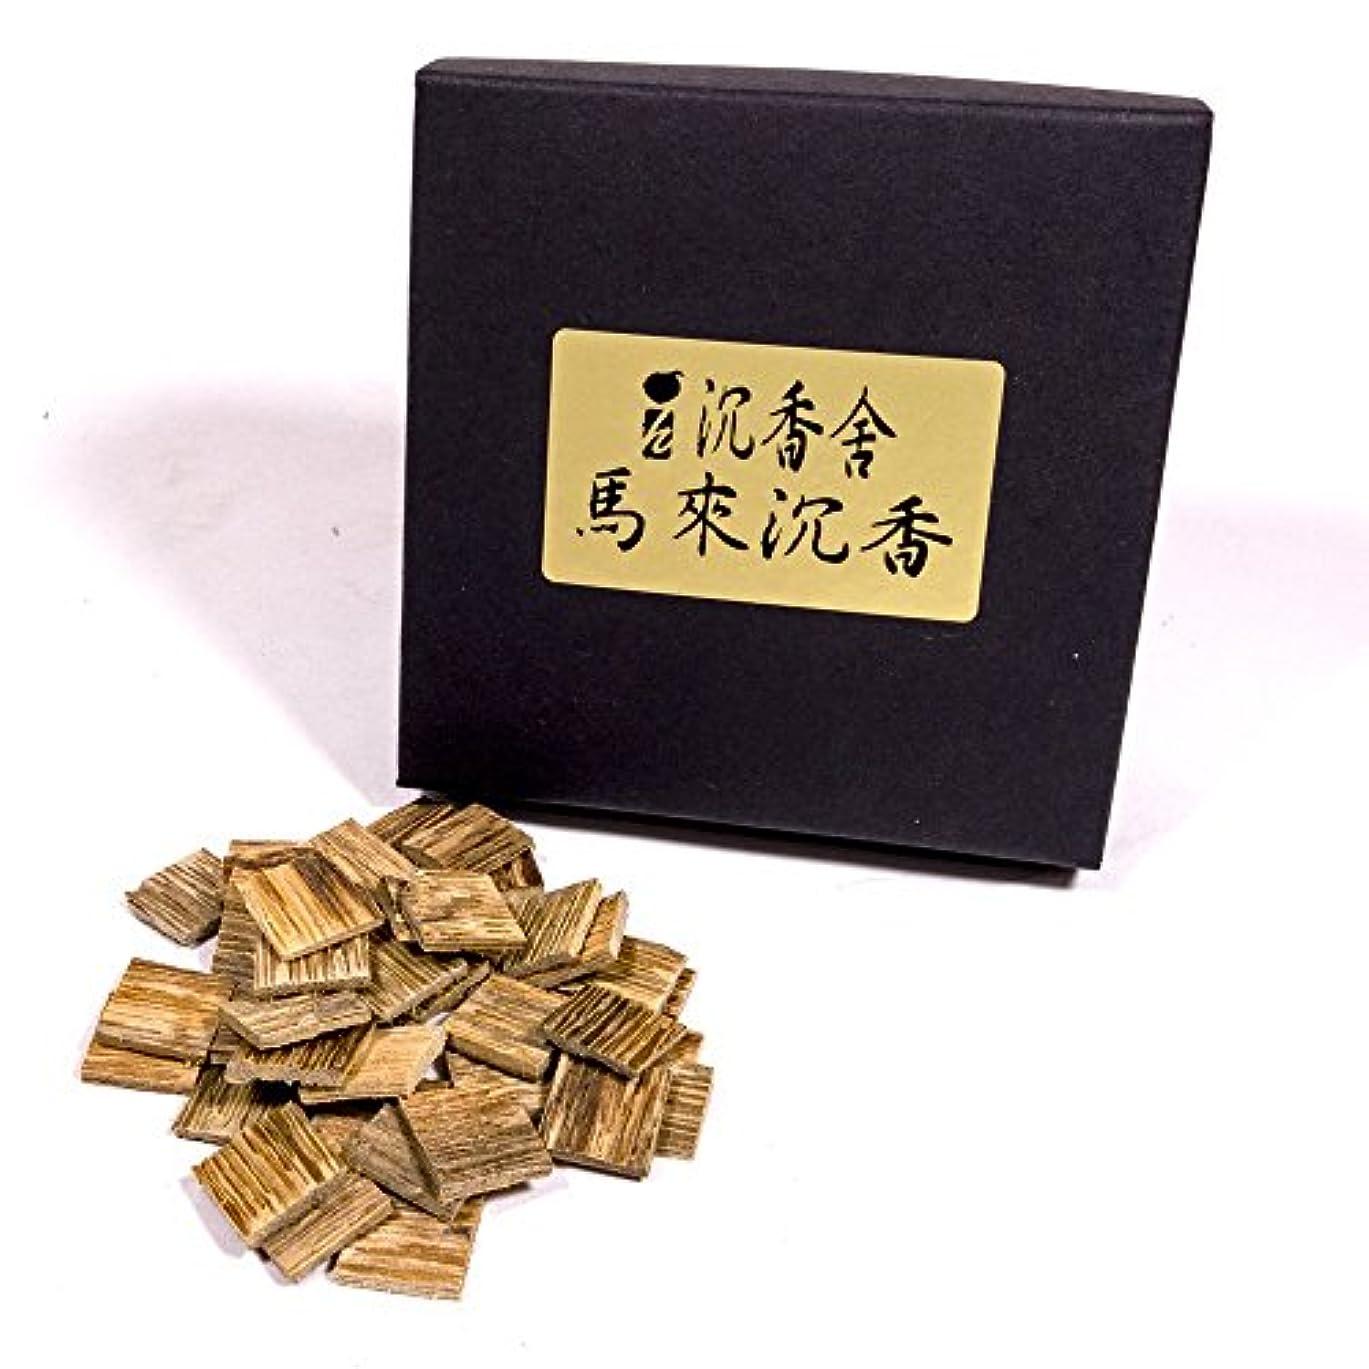 保持する埋める推測馬來西亞 沈香角割刻み マレーシア産 沈香 5g お香 お焼香 焼香 天然沈香香木刻み こづつ用